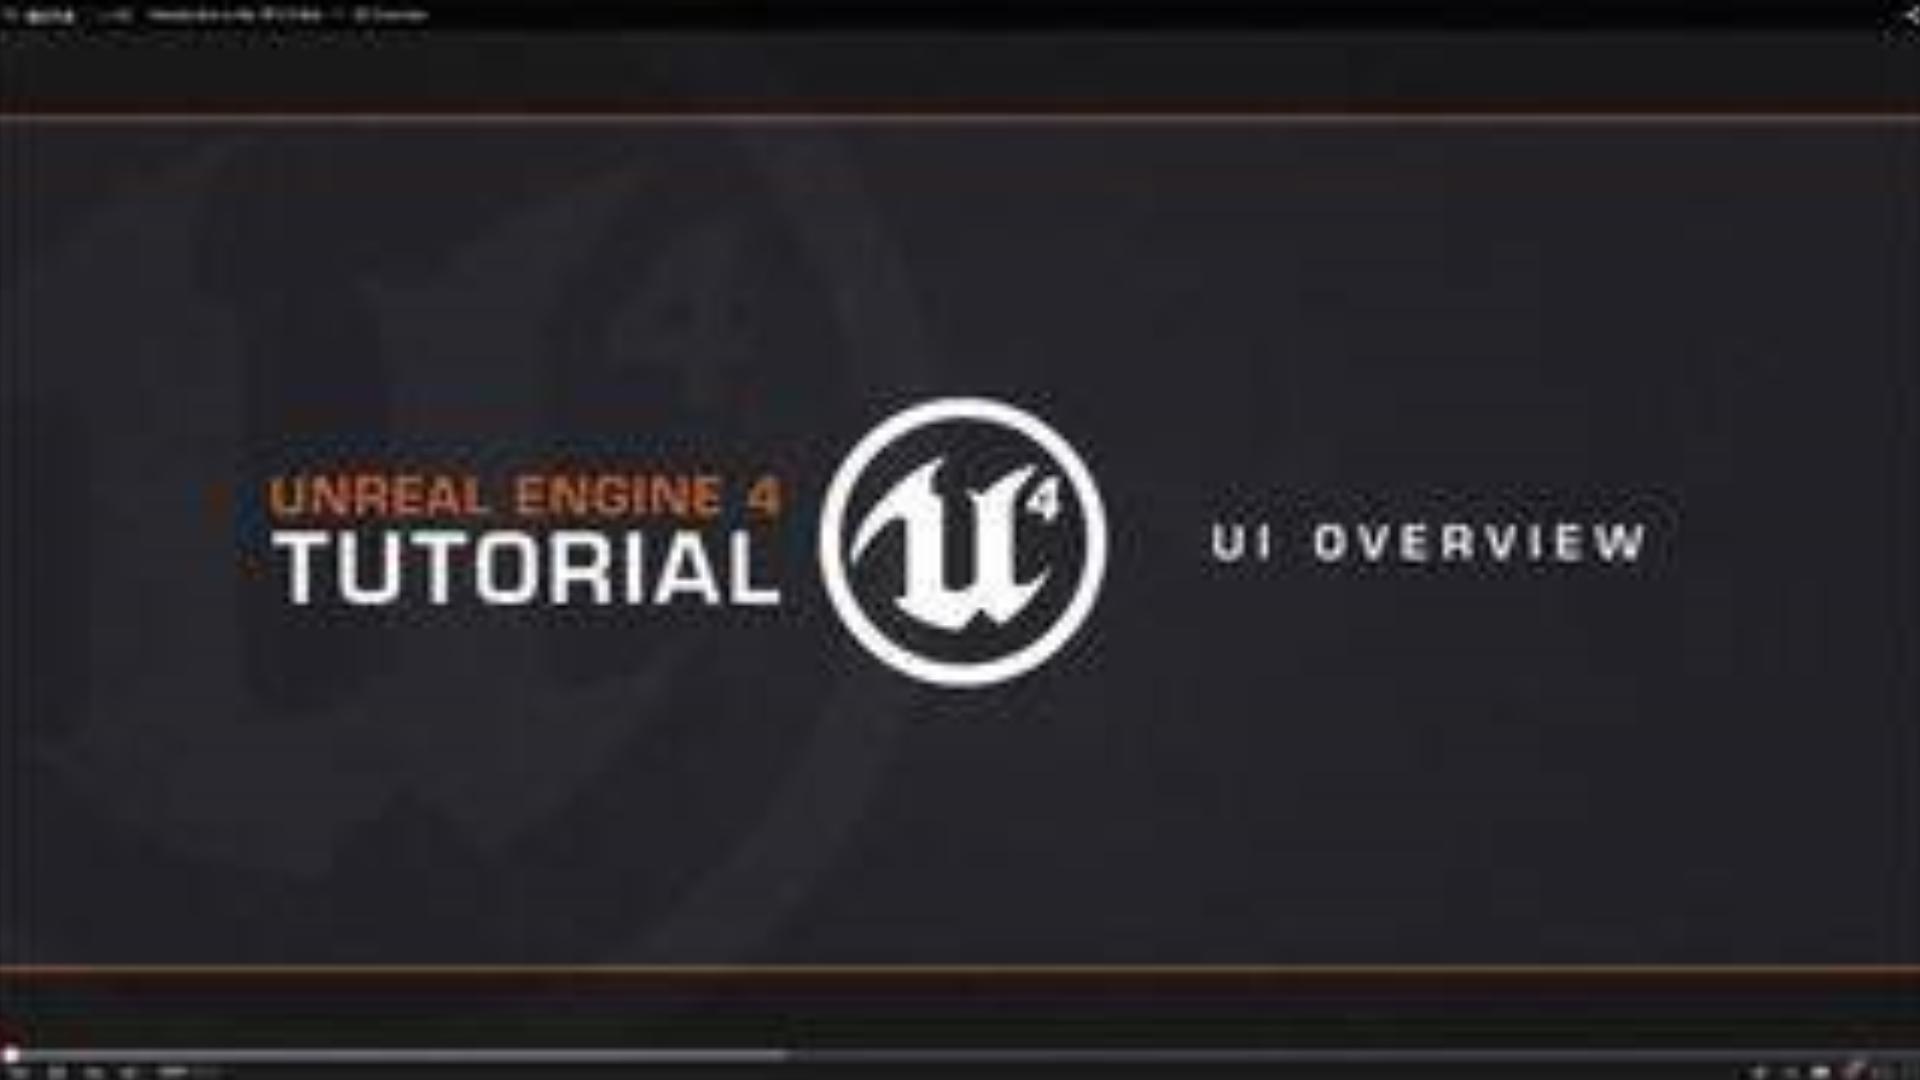 UE4教程-高清-208集(附视频,课件下载链接)